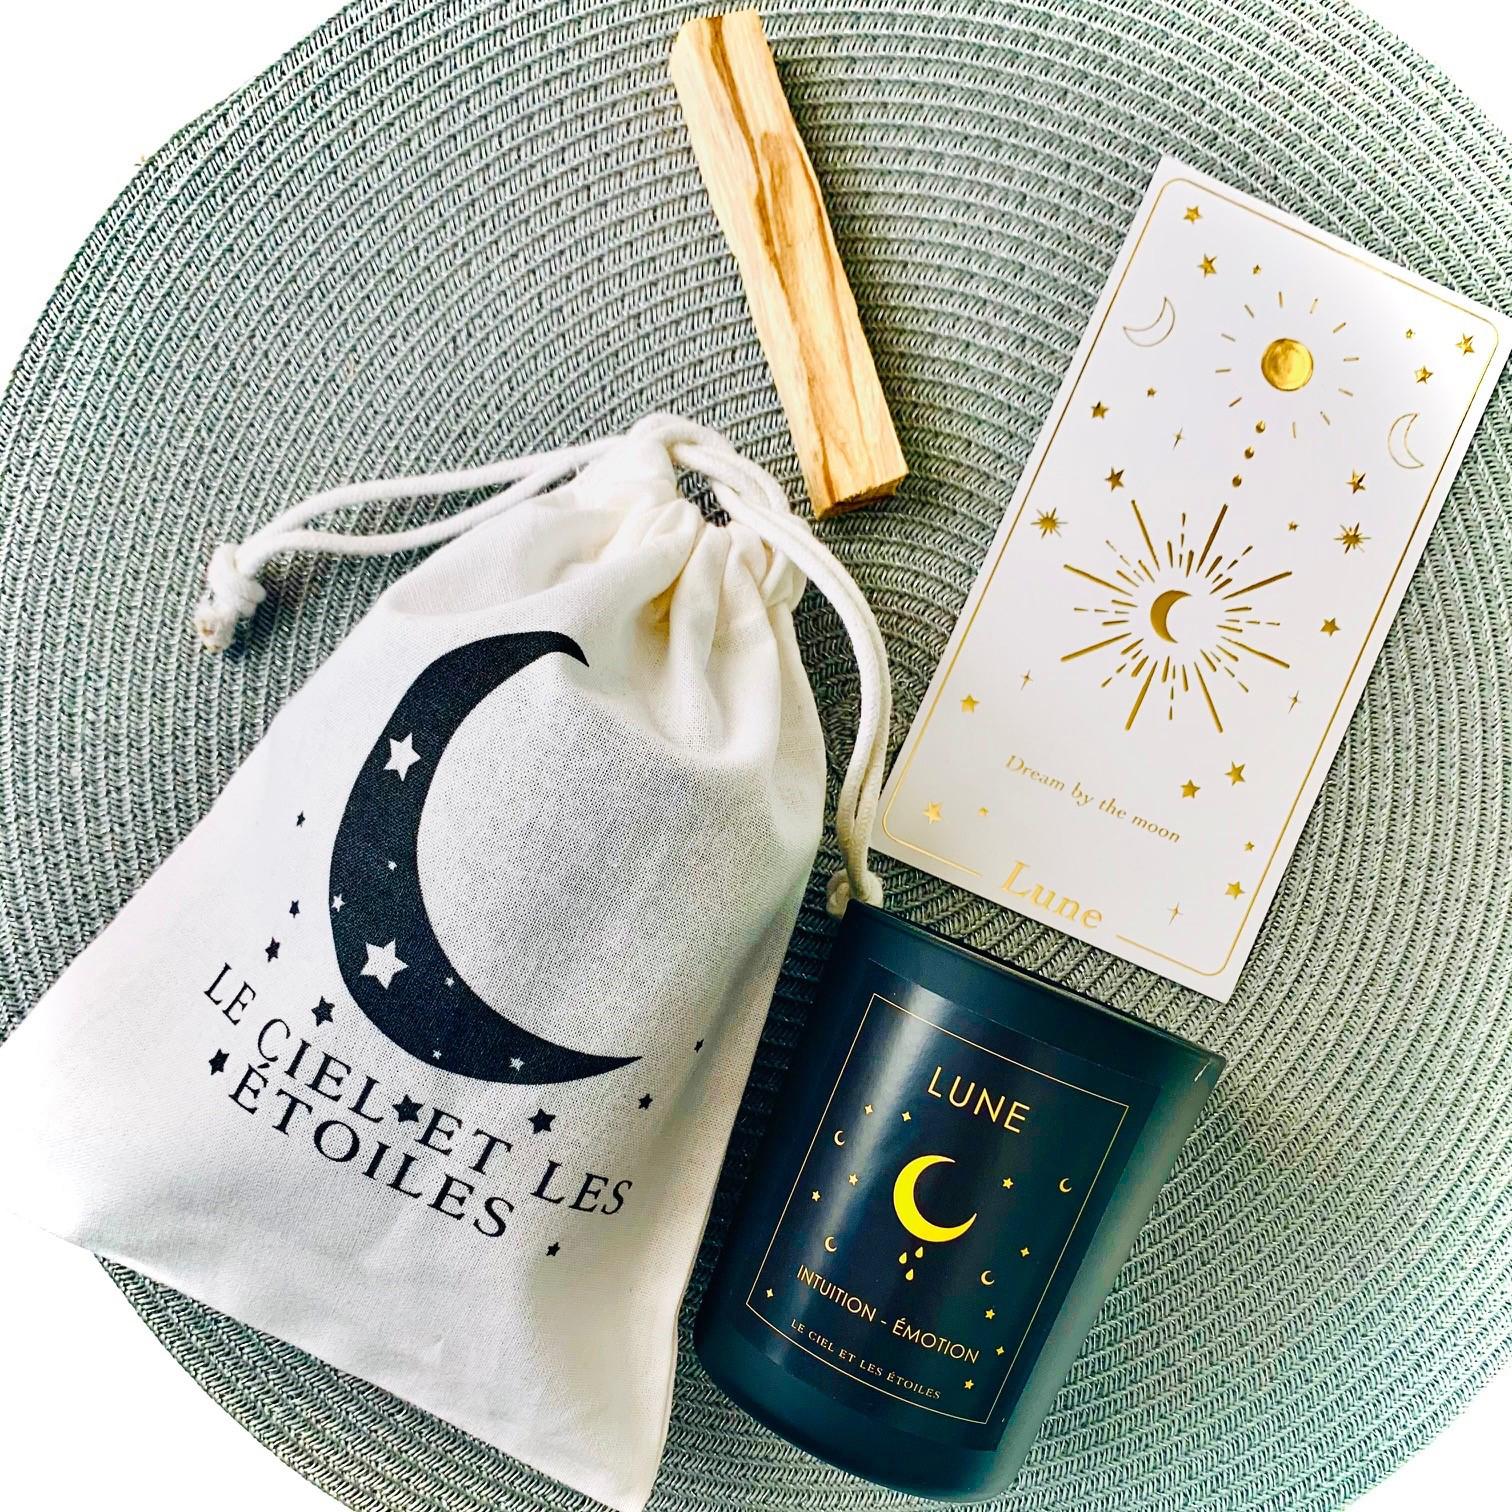 Bougie LUNE (édition limitée) Pour votre rituel Pleine Lune